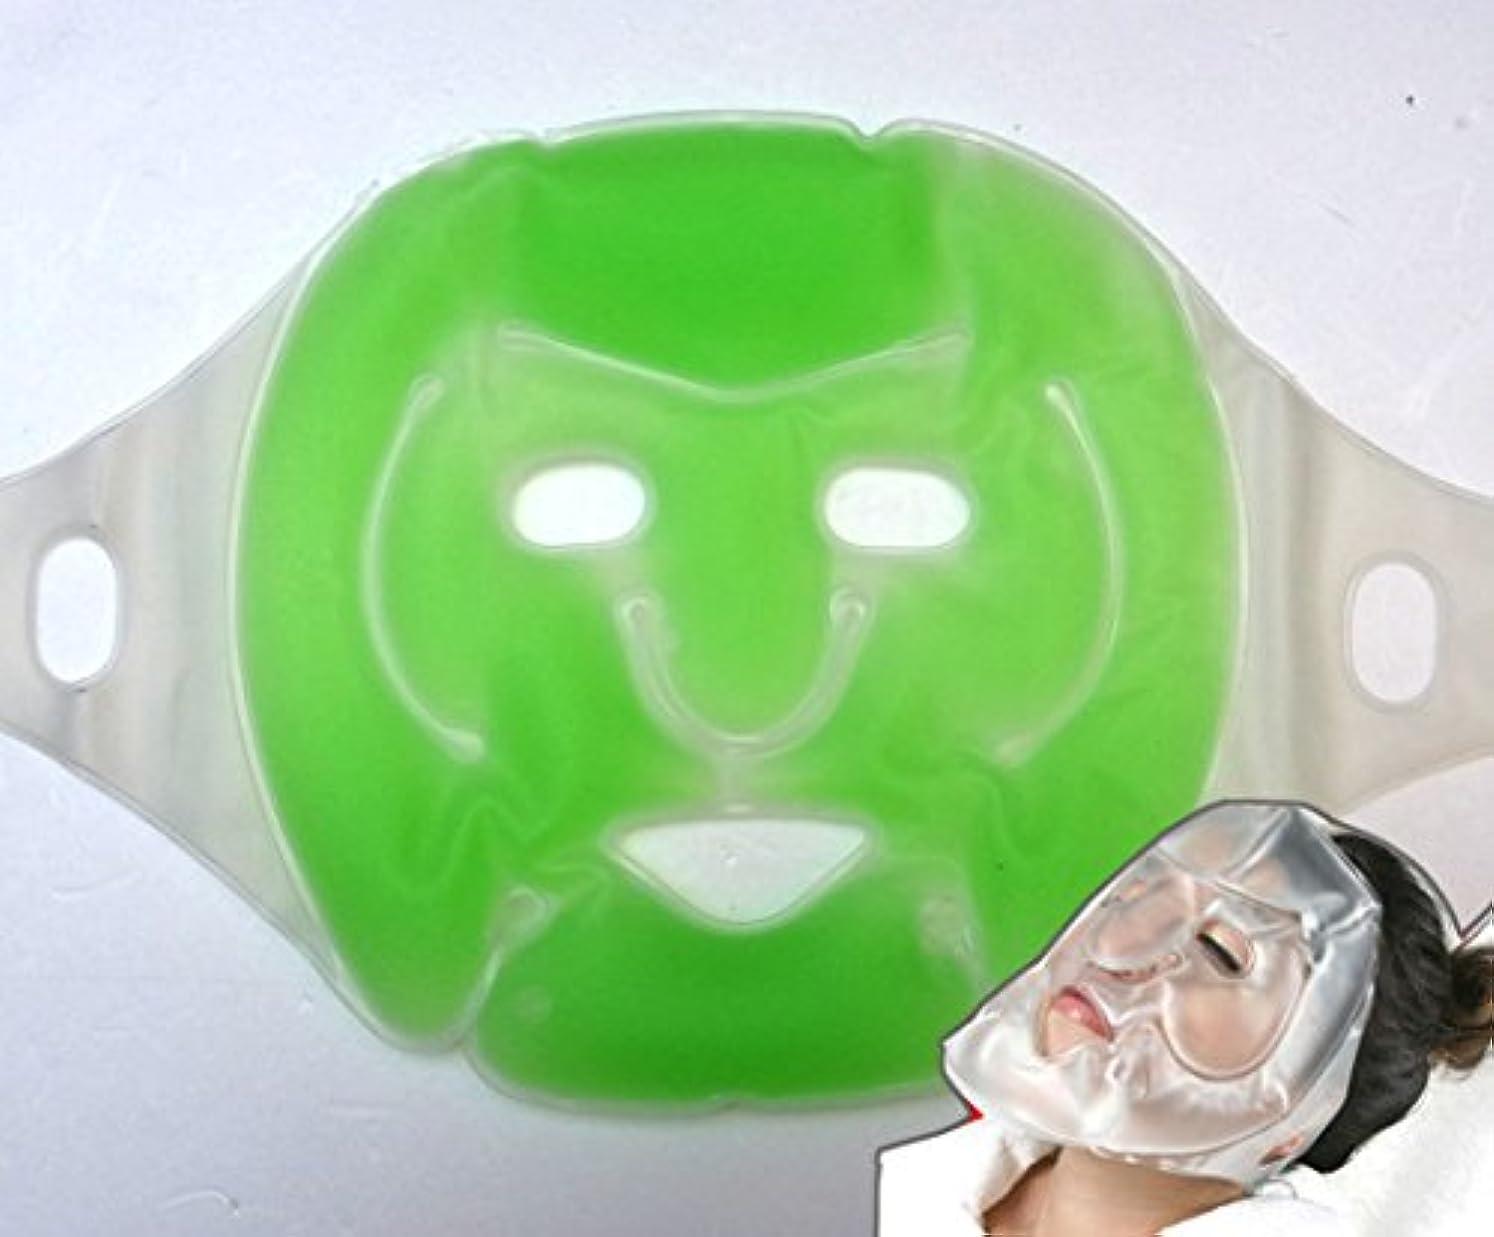 象スティックロードハウスフェイスマッサージクールアイスマスクパック半永久的なフェイシャルマッサージ 毛穴収縮/緑色/Face Cool Massage Ice Mask Pack Semi-permanent Facial Massager Contracting...